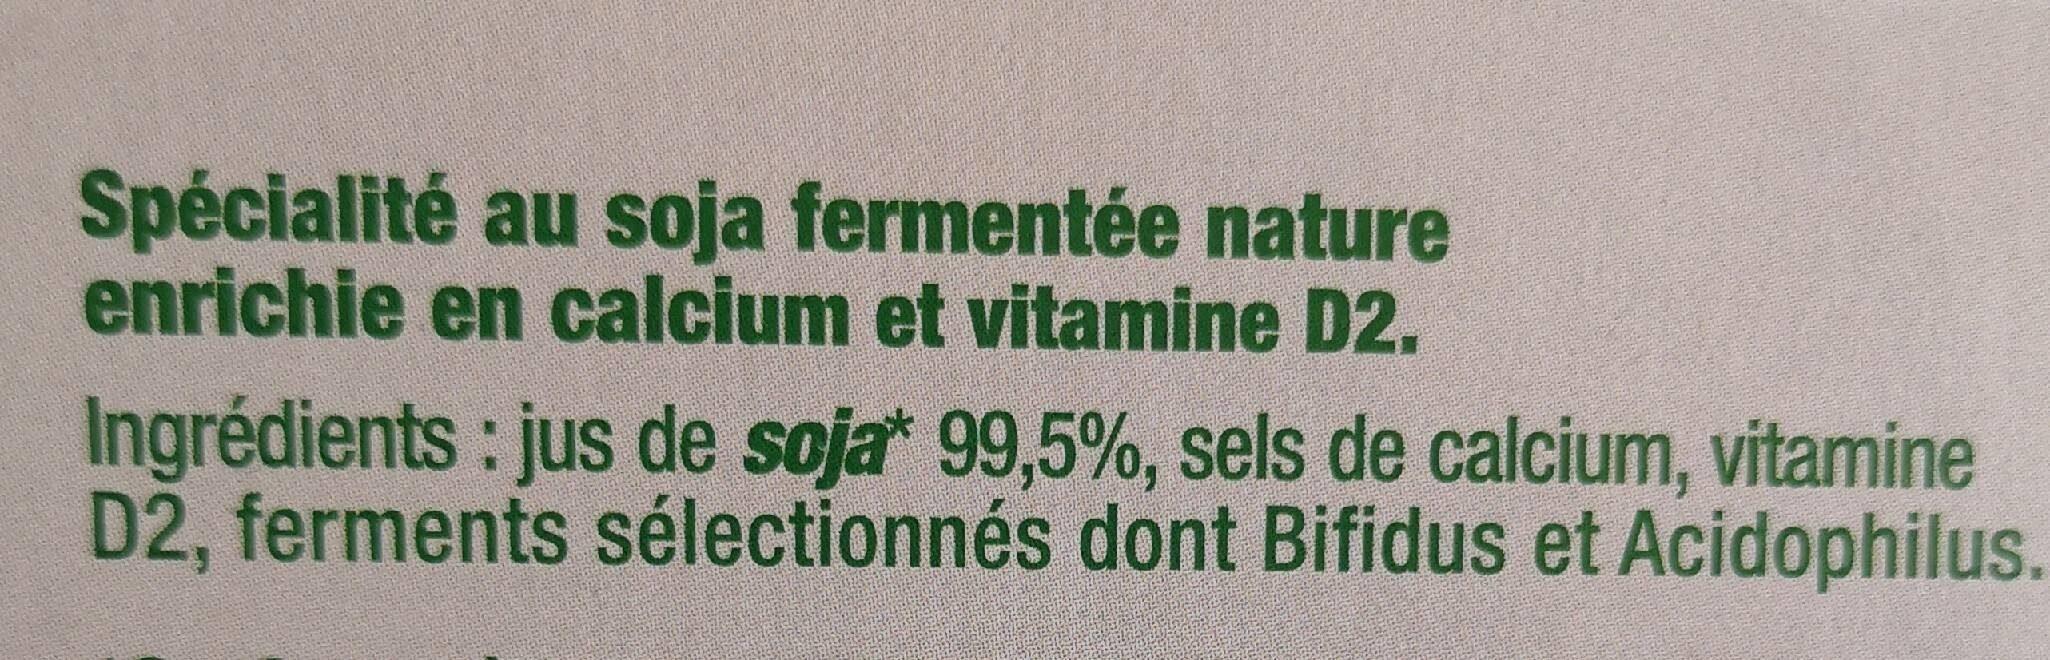 Sojasun nature sans sucre - Ingrédients